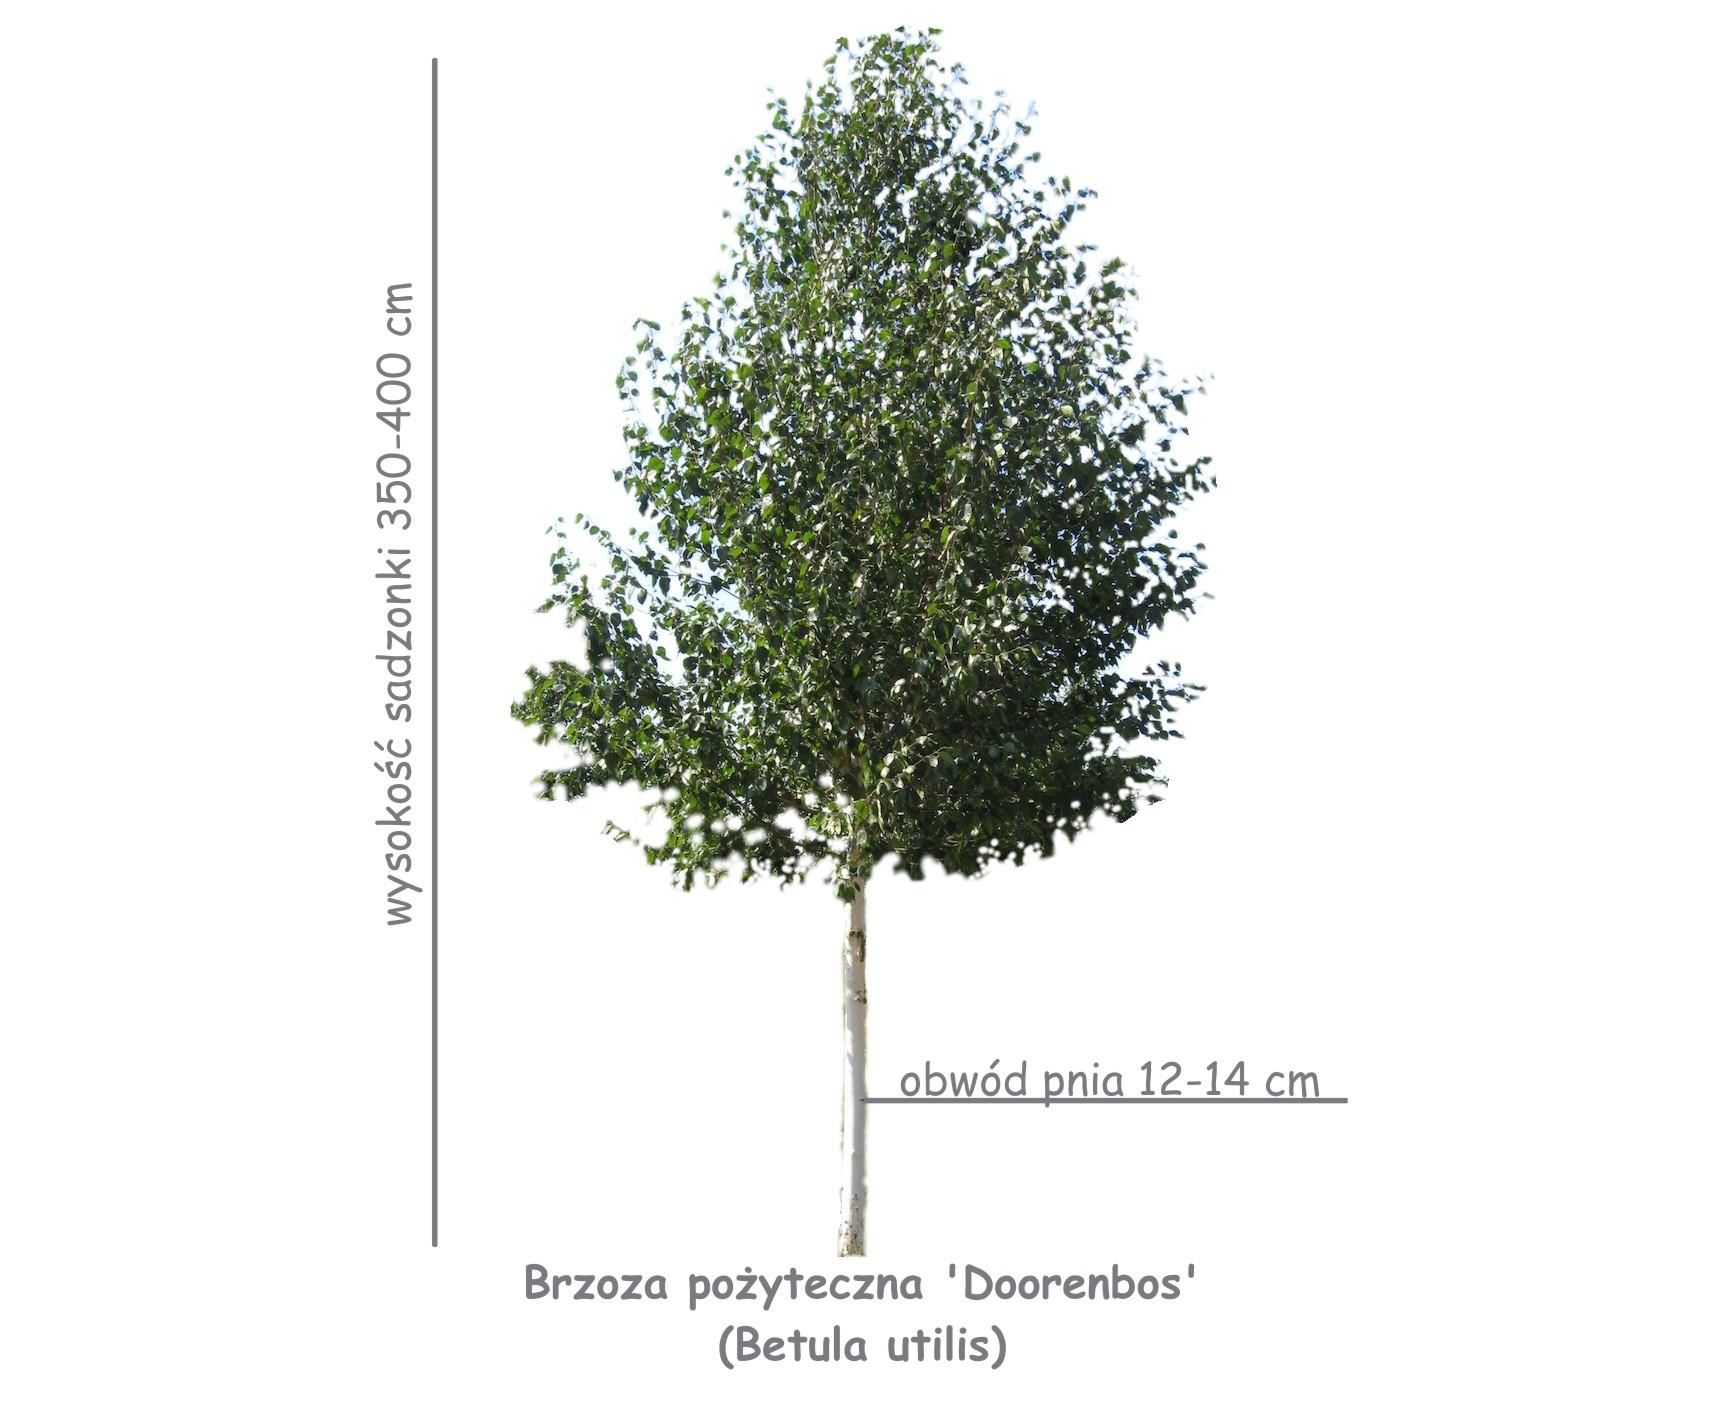 Brzoza pożyteczna 'Doorenbos' (Betula utilis) sadzonka o obwodzie 12-14 cm